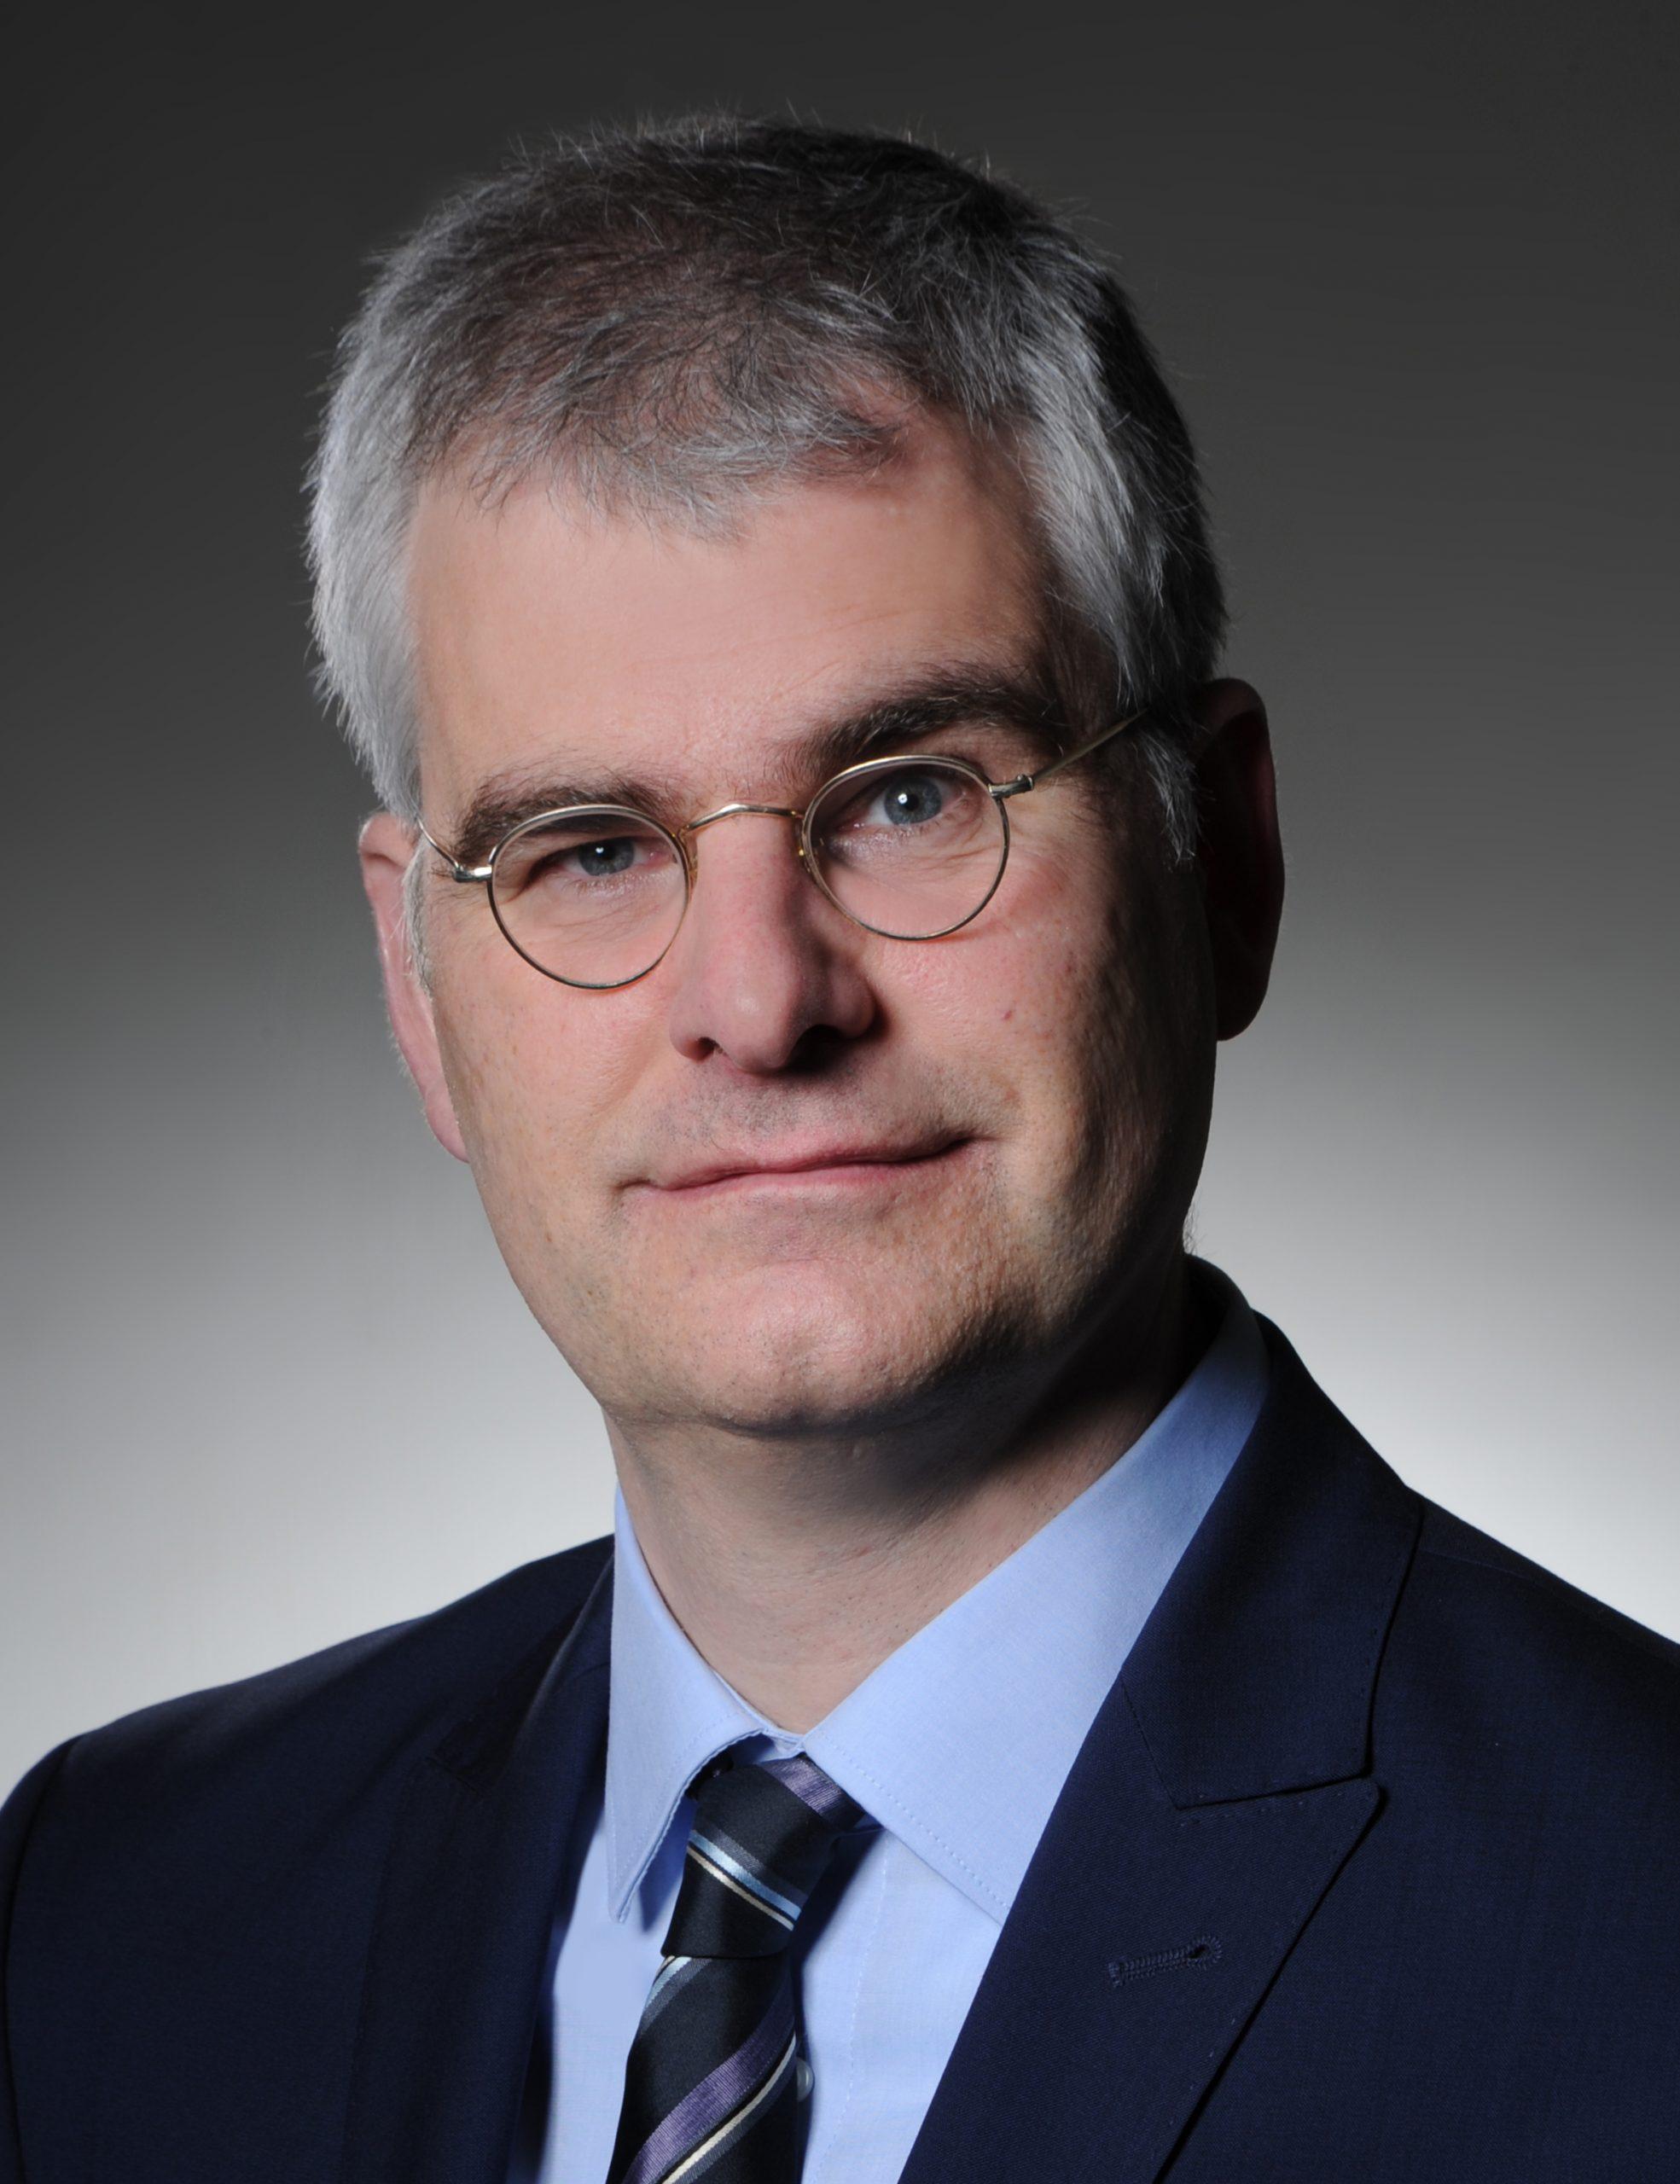 Rechtsanwalt Christoph Meer